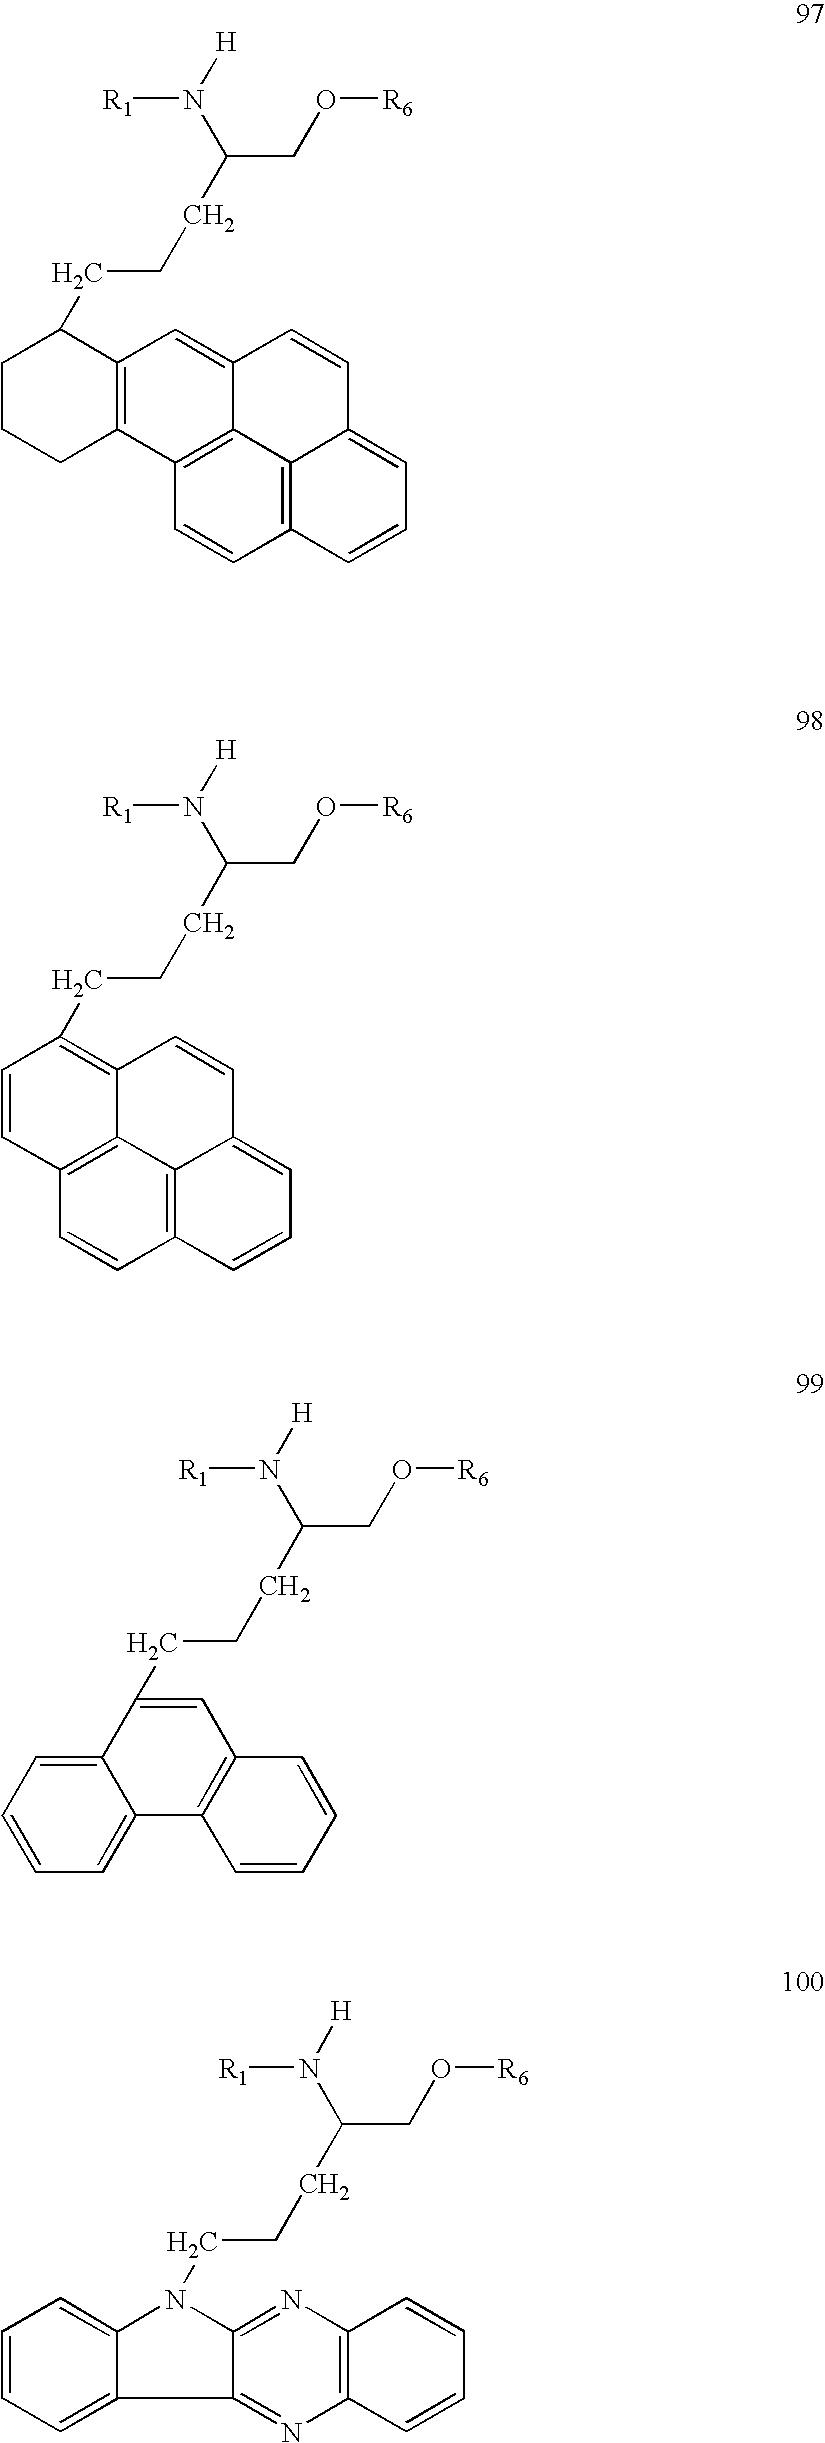 Figure US20060014144A1-20060119-C00108